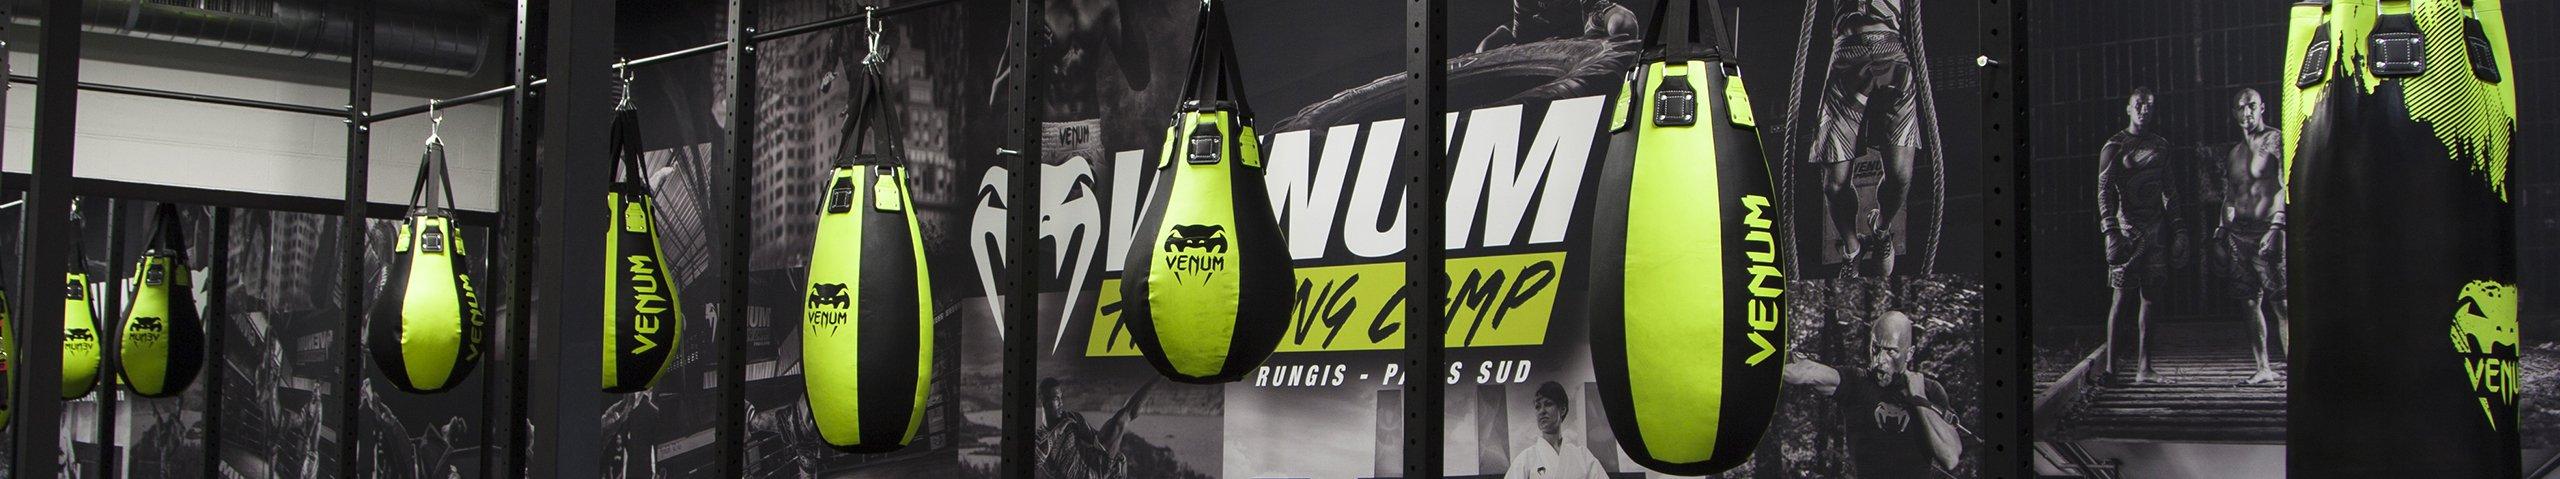 Sacs de boxe Venum (sacs de frappe, sacs à uppercut, poires de vitesse) - Venum.com France